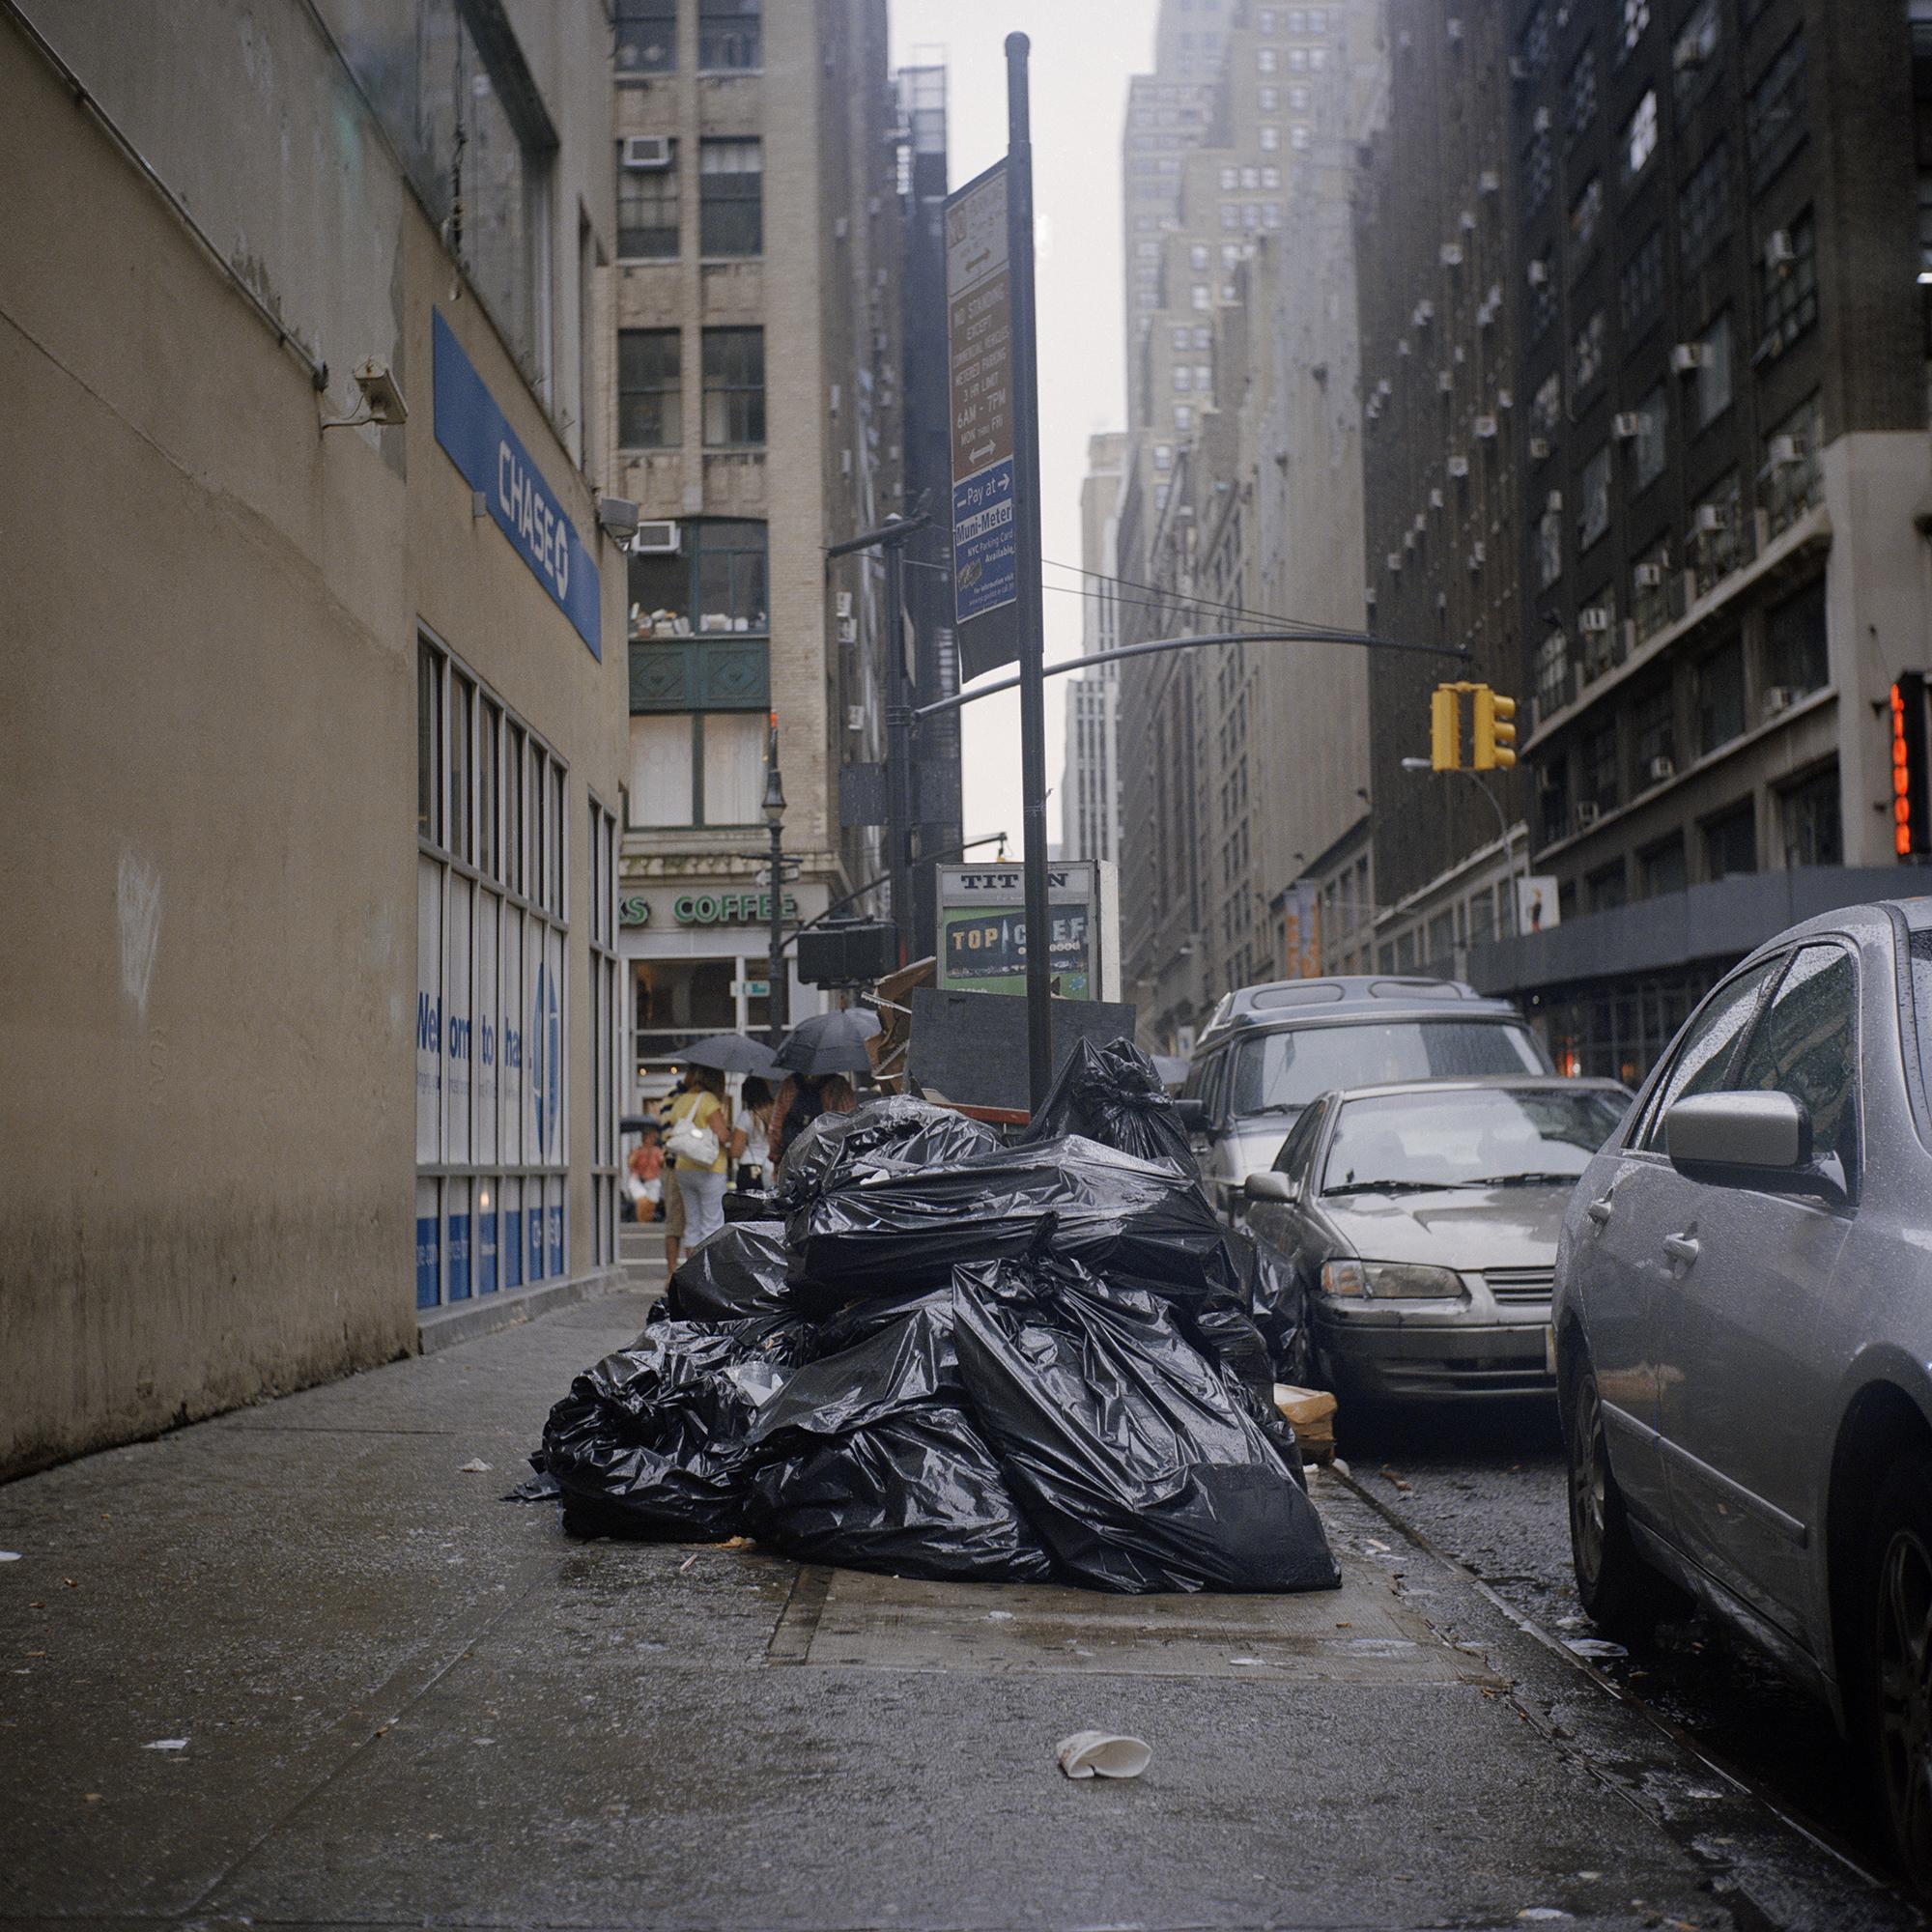 garbageBags.jpg